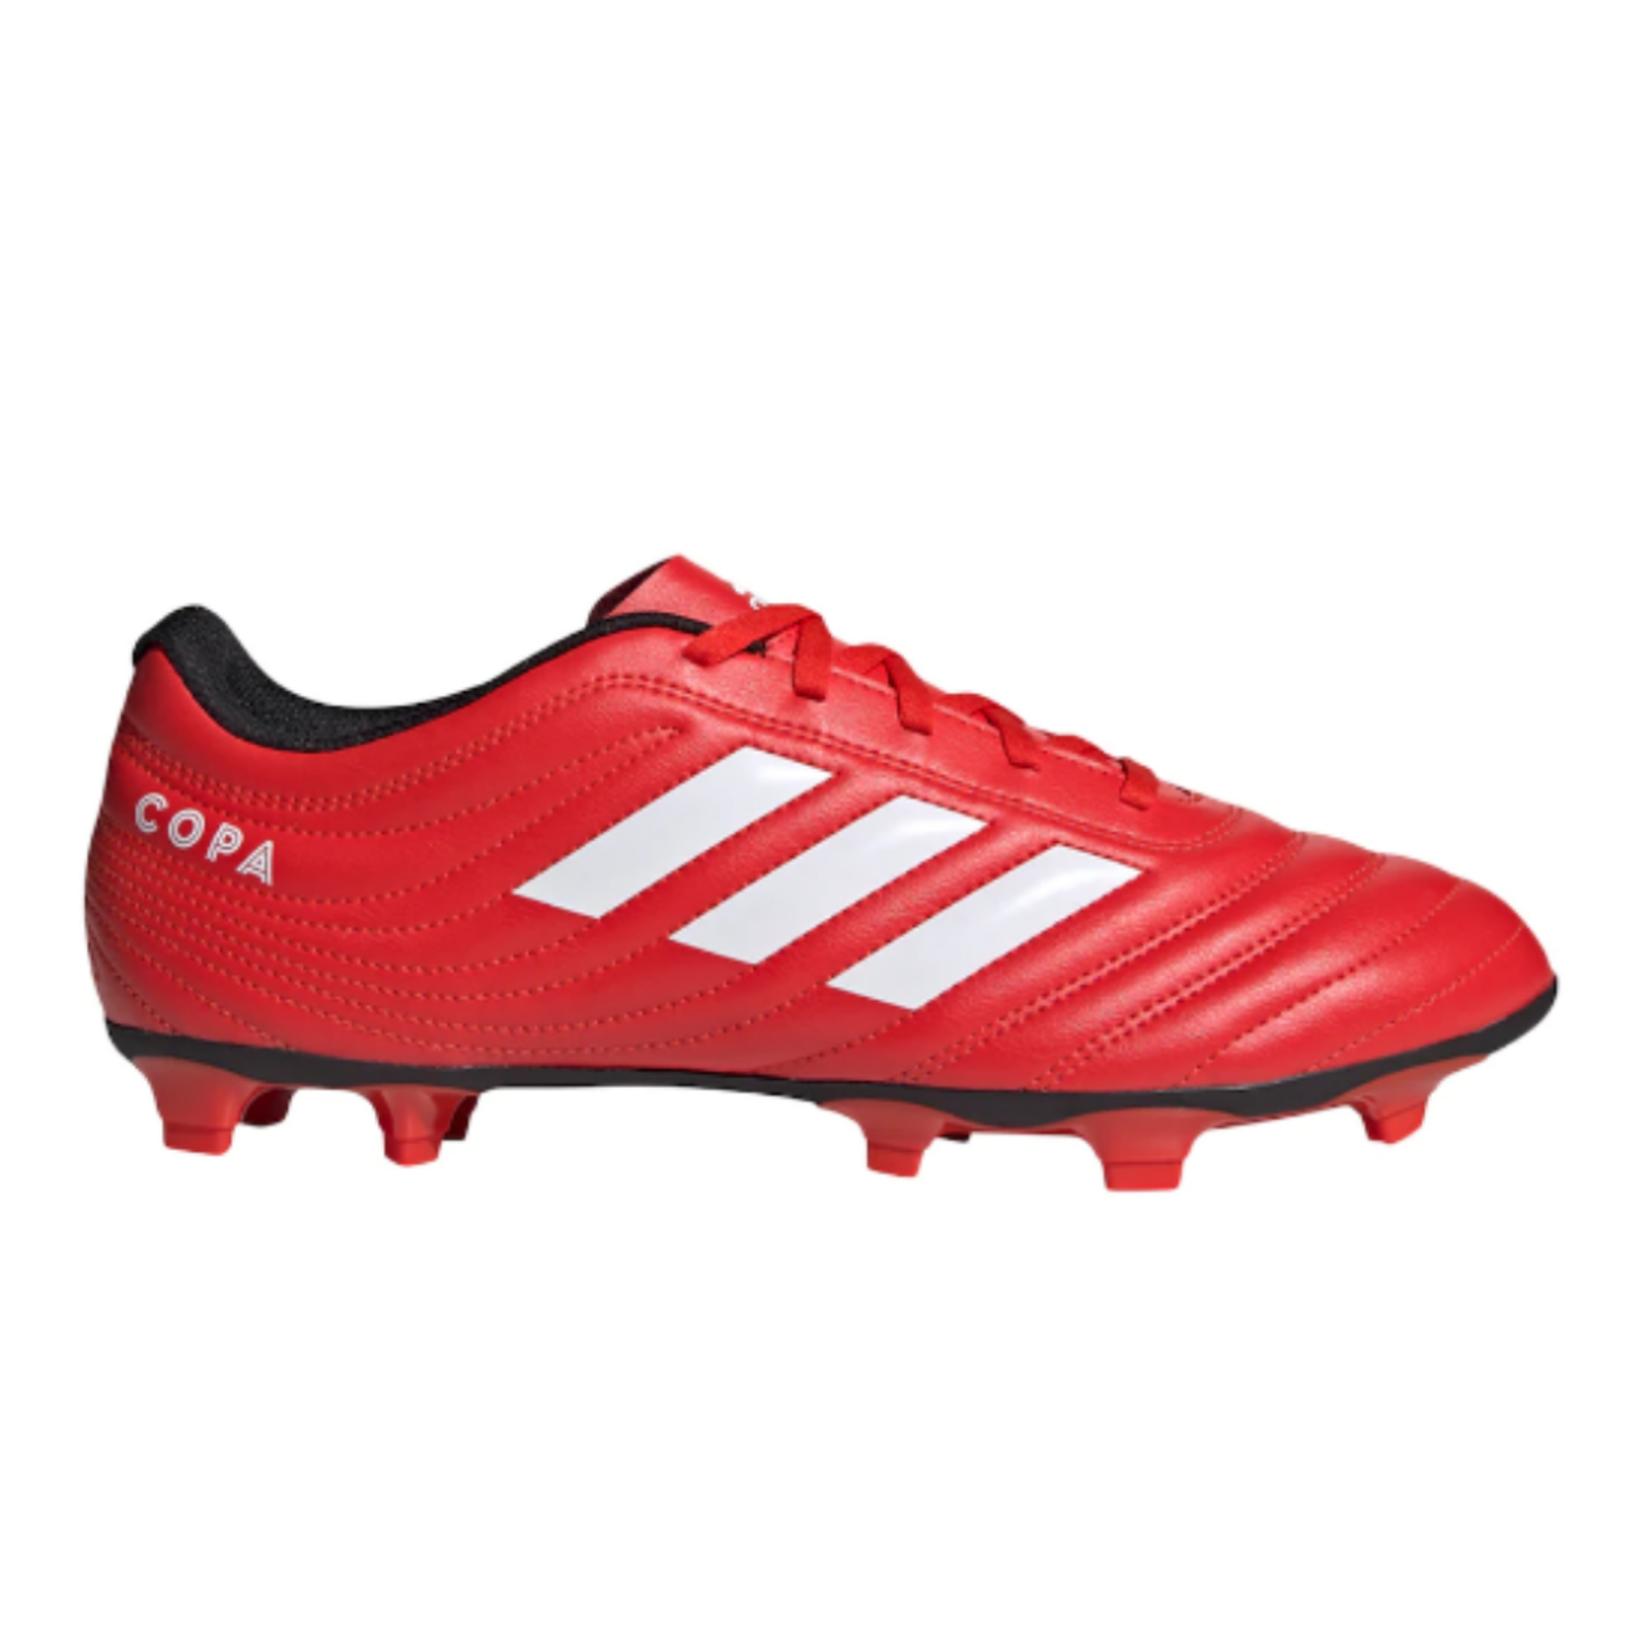 Adidas Adidas Copa 20.4 FG Soccer Cleat